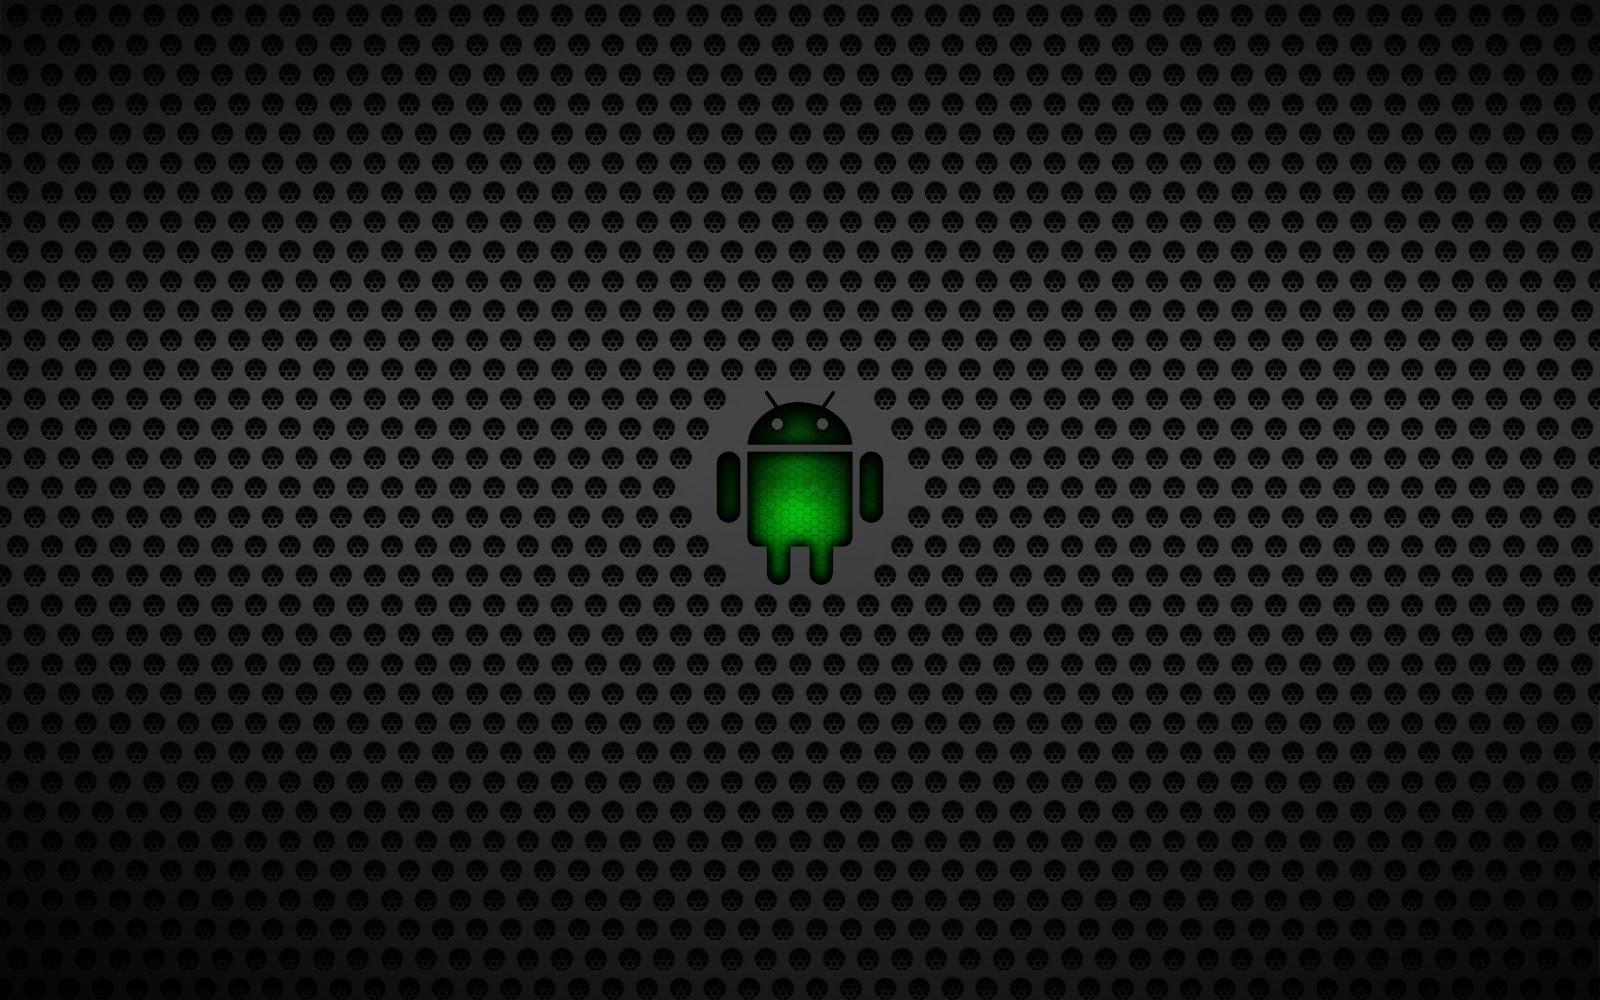 http://1.bp.blogspot.com/-40EQKGruprw/T9Honta6goI/AAAAAAAACig/NjNSubDrAKo/s1600/Metallic_Android_High-Resolution-Wallpaper%20(www.hqwallpaperslk.blogspot.com).jpg